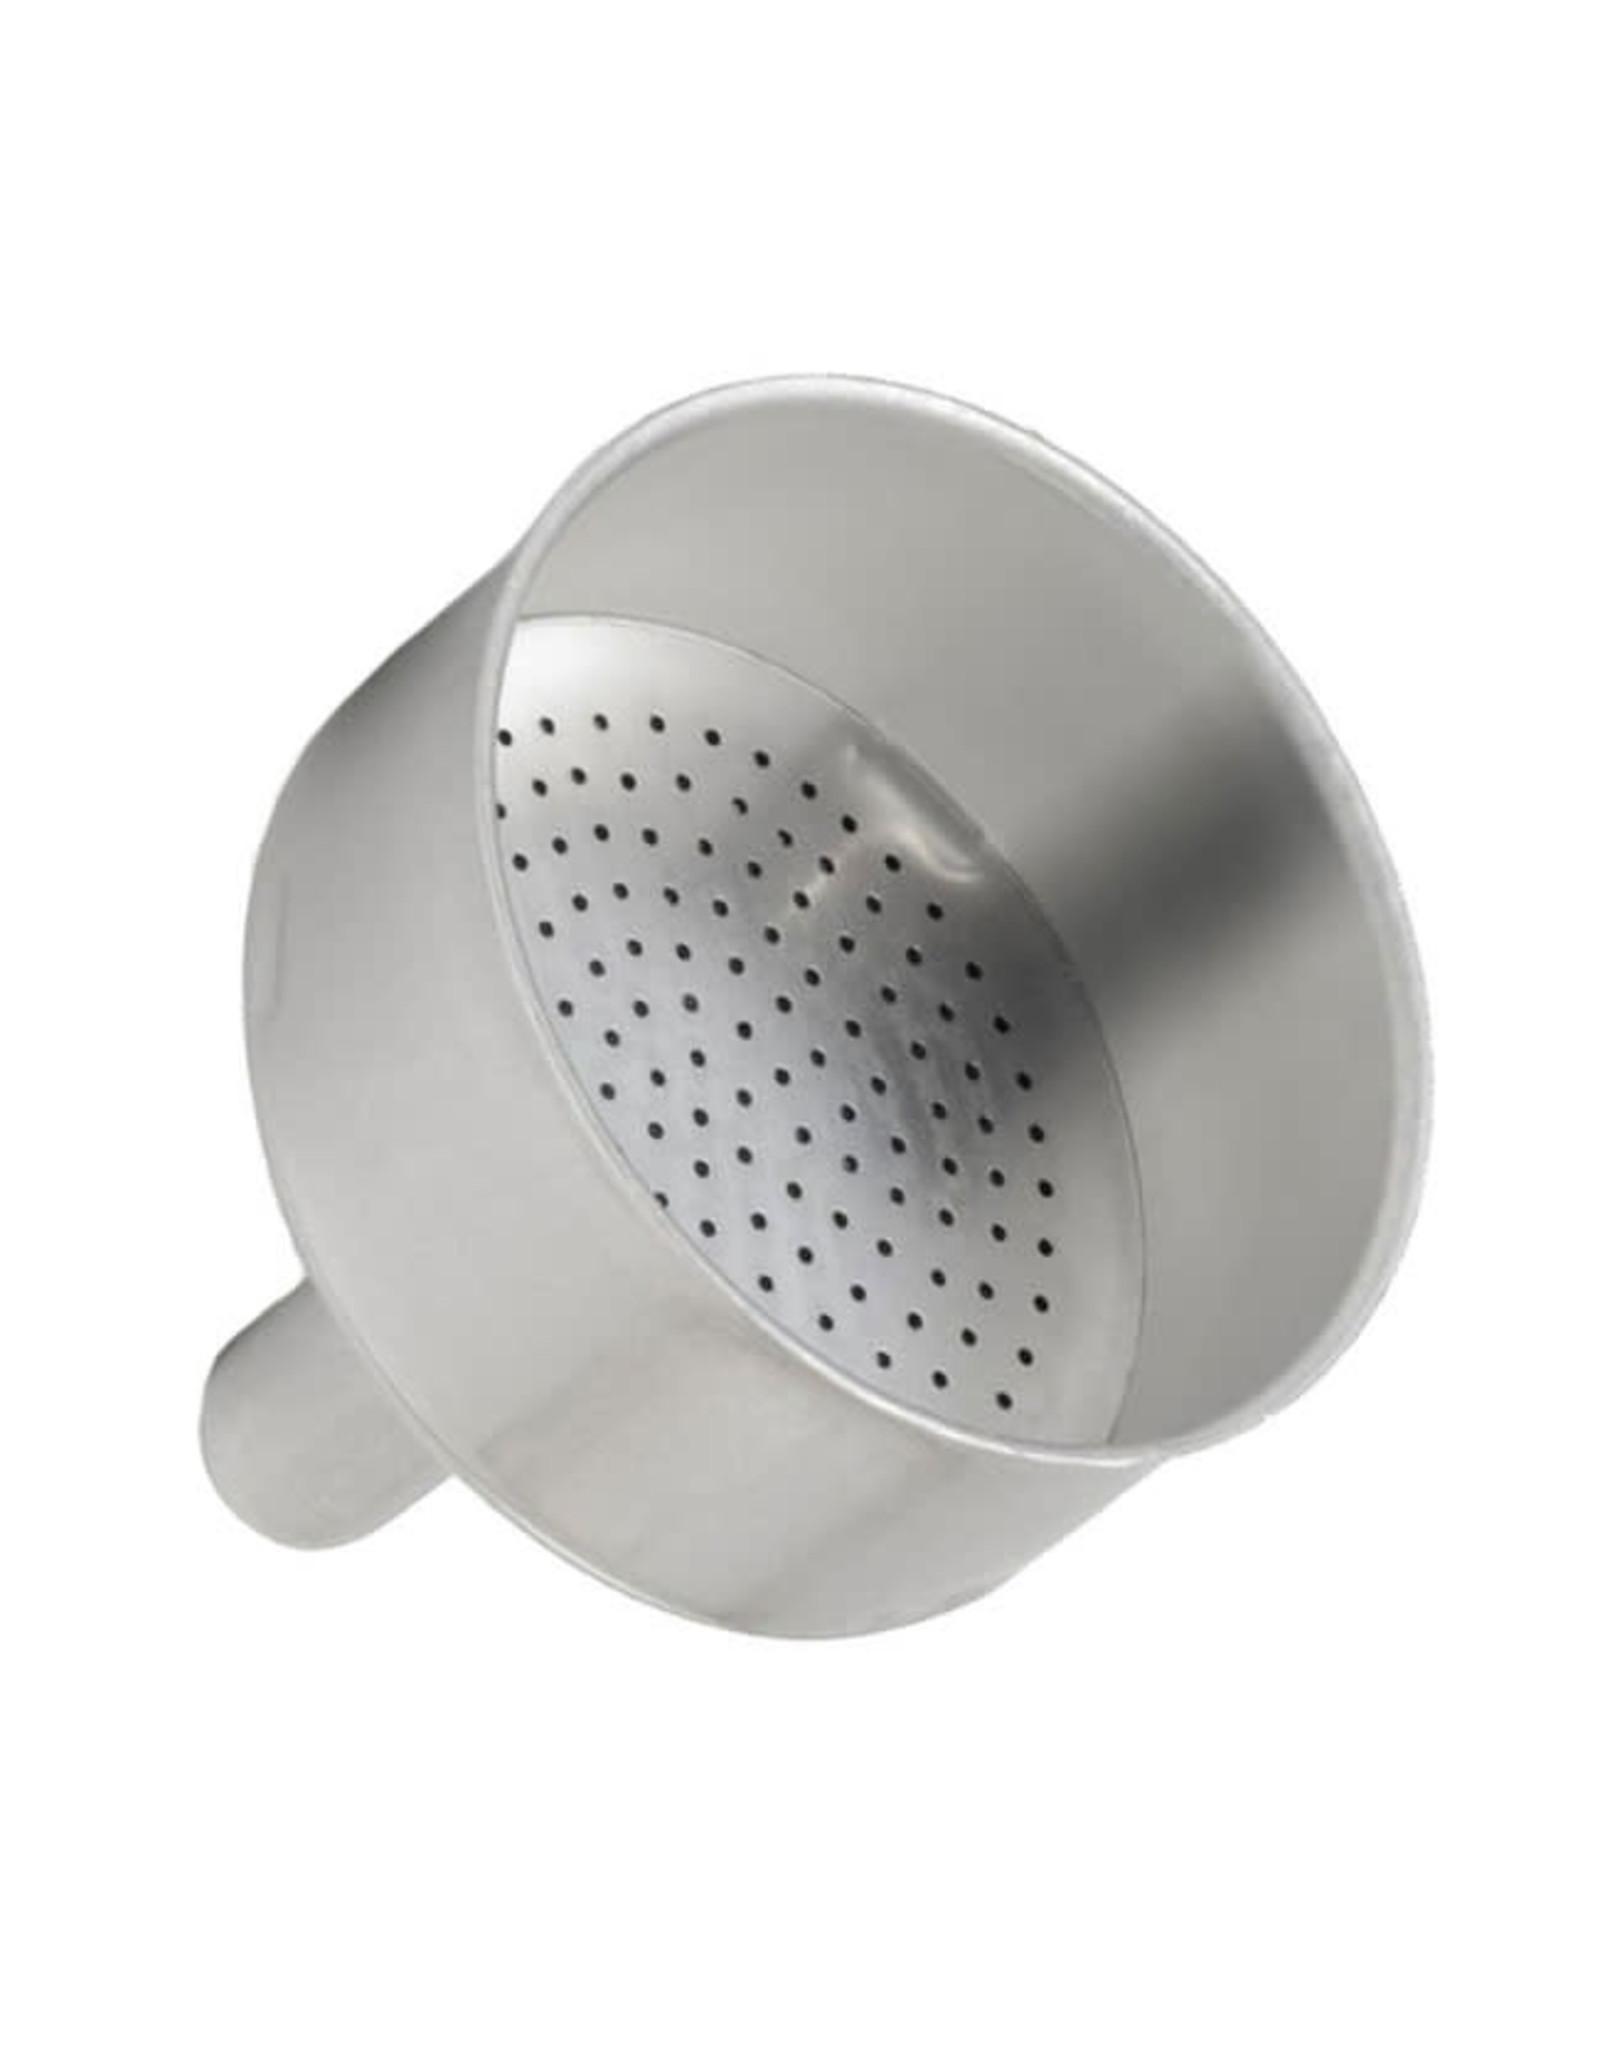 Bialetti Filtertrechter 6-kops